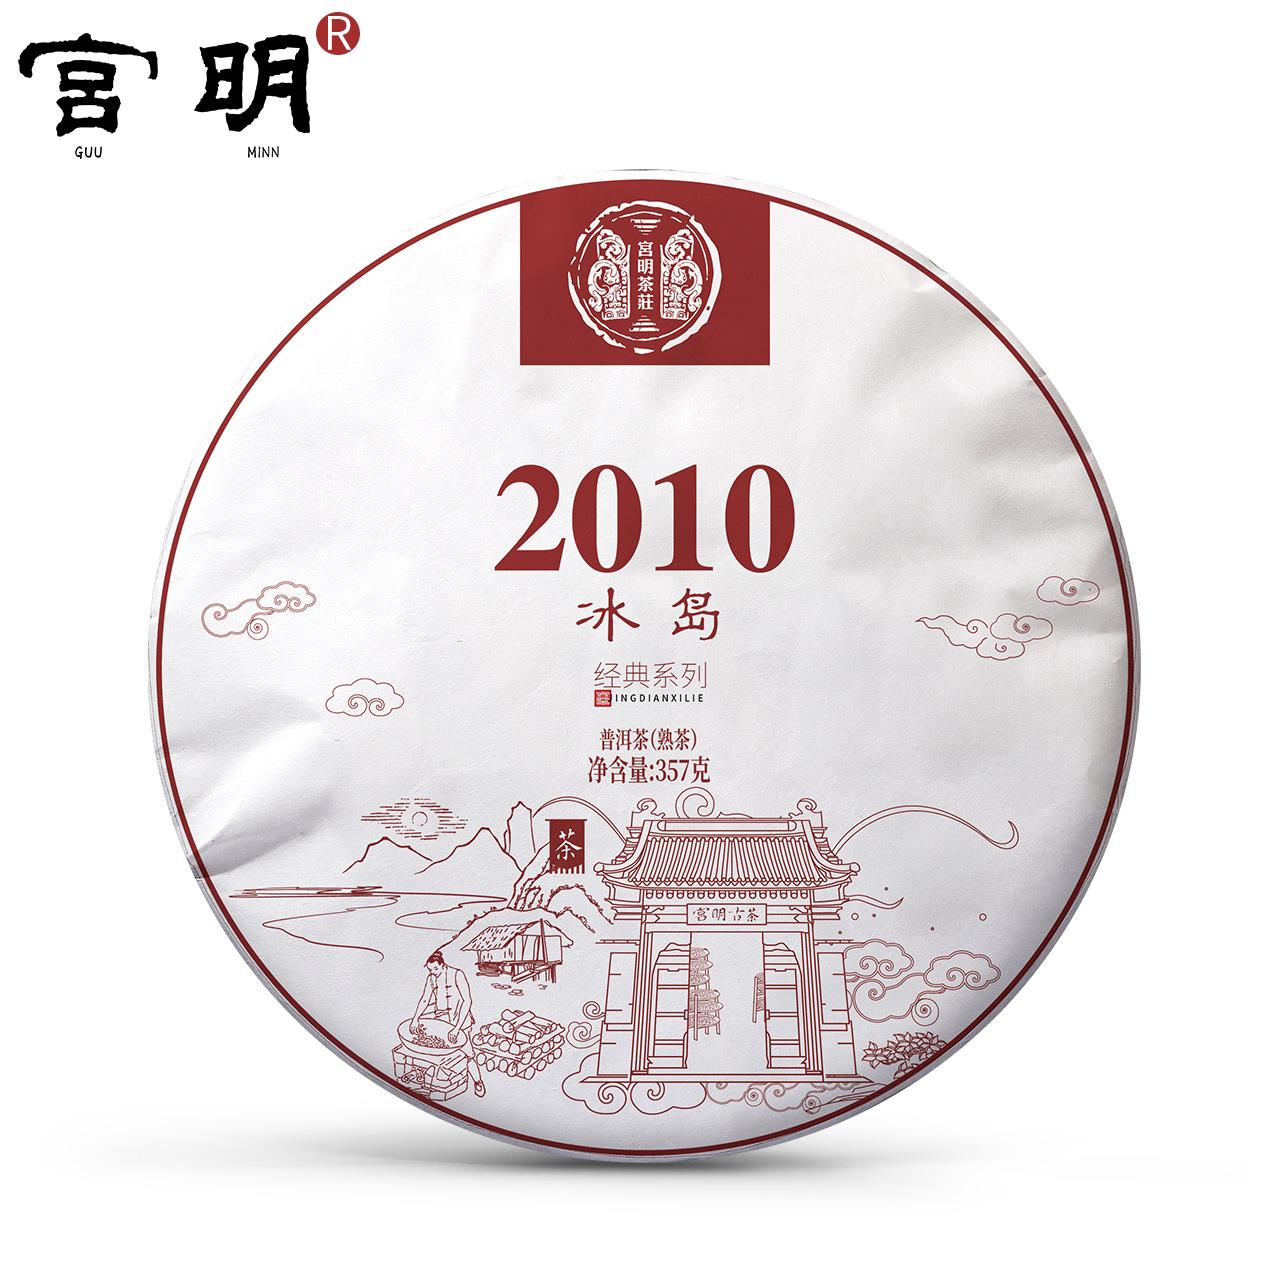 宫明茶叶 经典2010年冰岛古树 云南普洱茶熟茶 七子饼357克